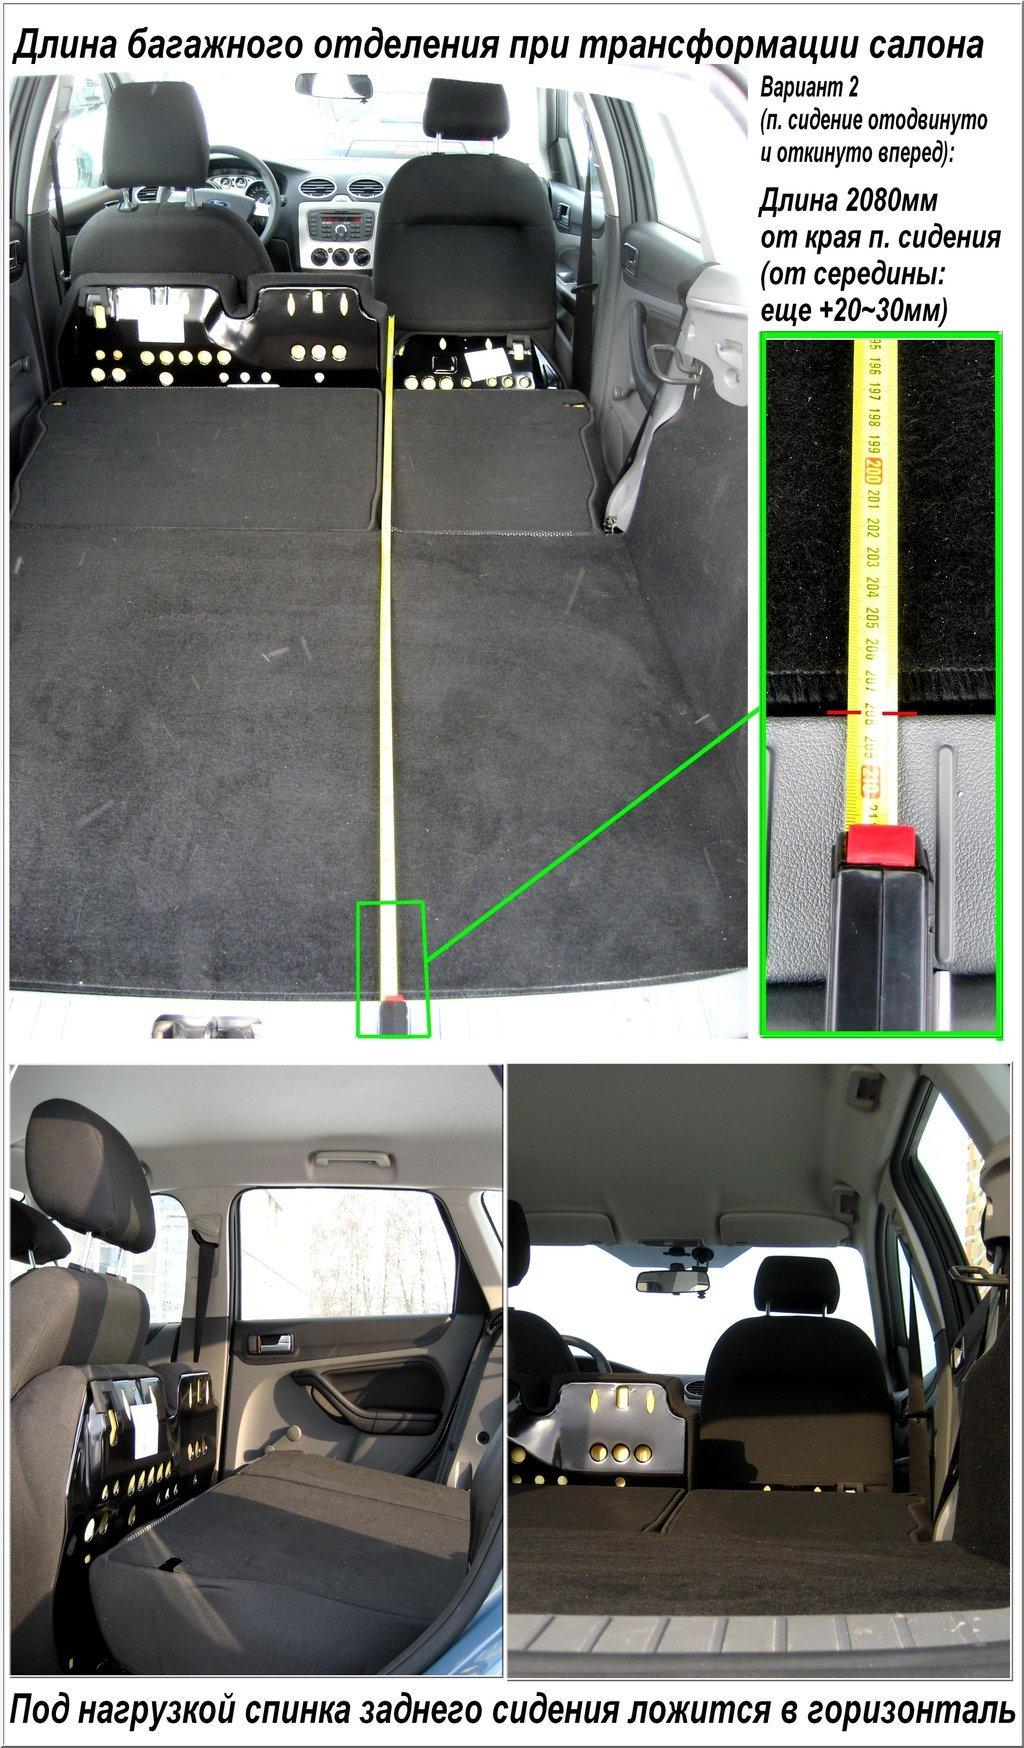 задняя подвеска форд фокус 1 универсал схема 2001 года